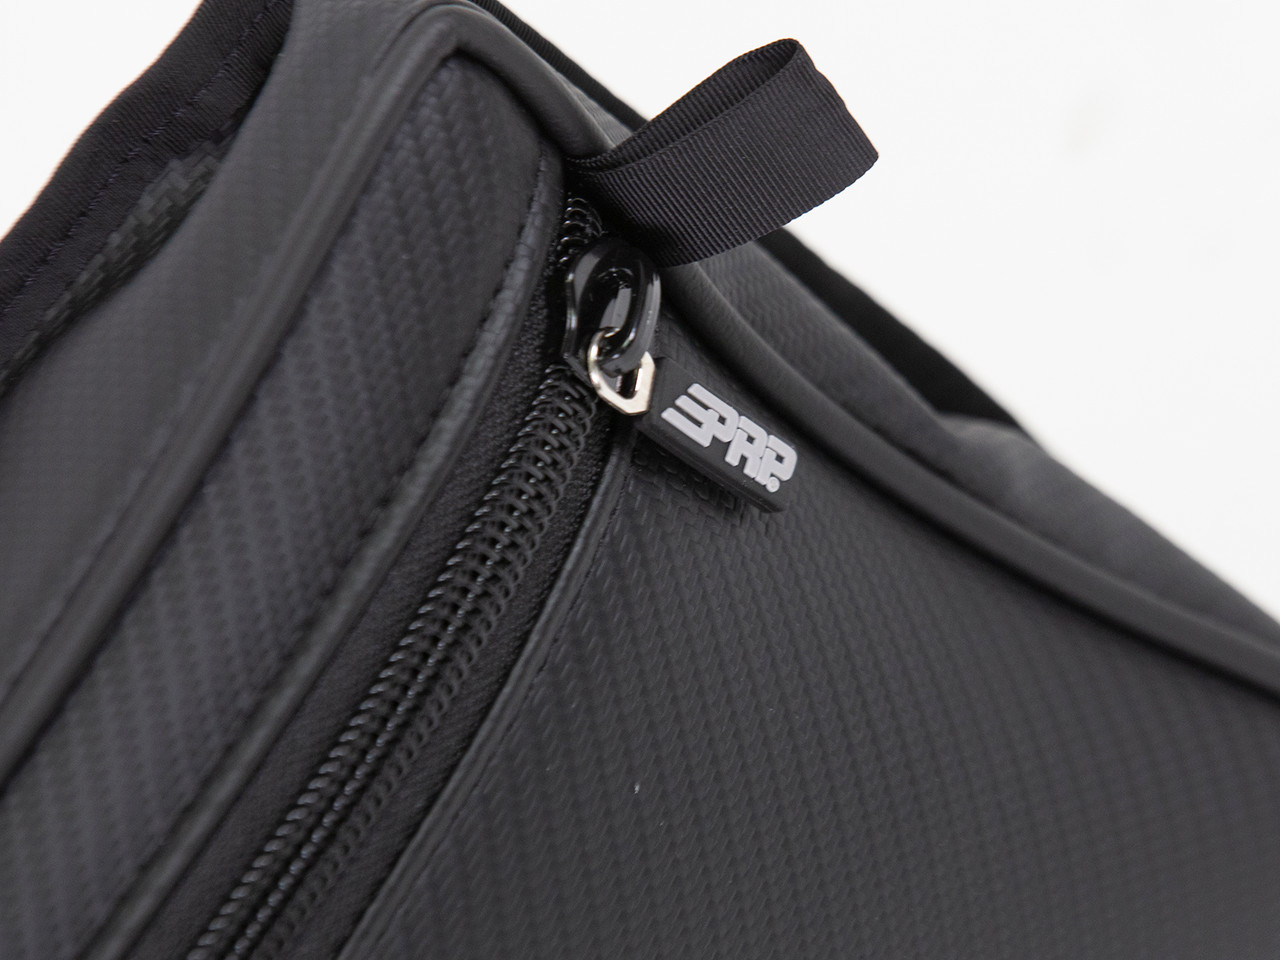 Heavy duty zippers and durable vinyl coated nylon construction